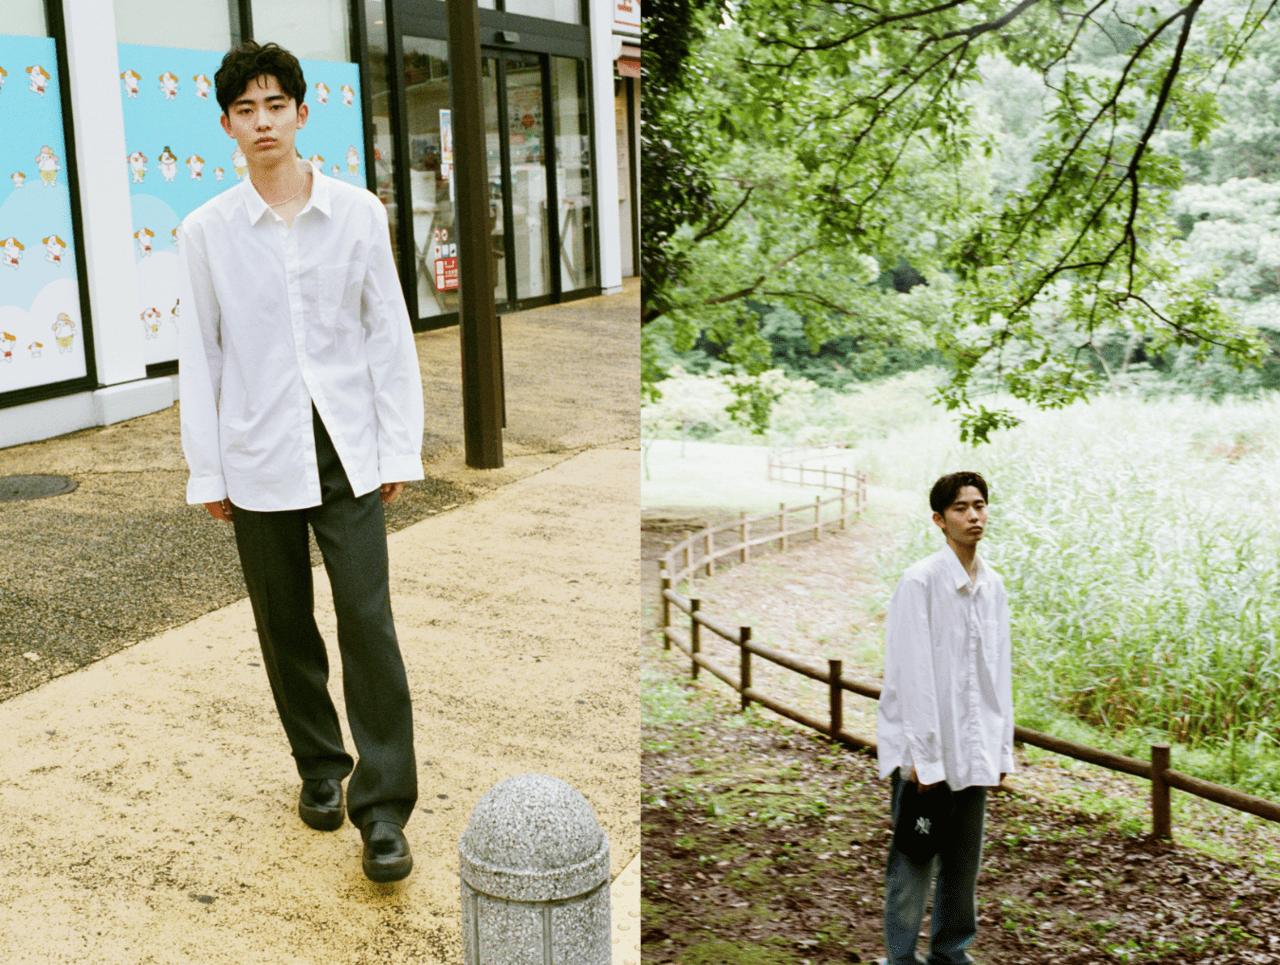 超定番服【無印良品の白シャツ】を、最大限今っぽく着る方法。